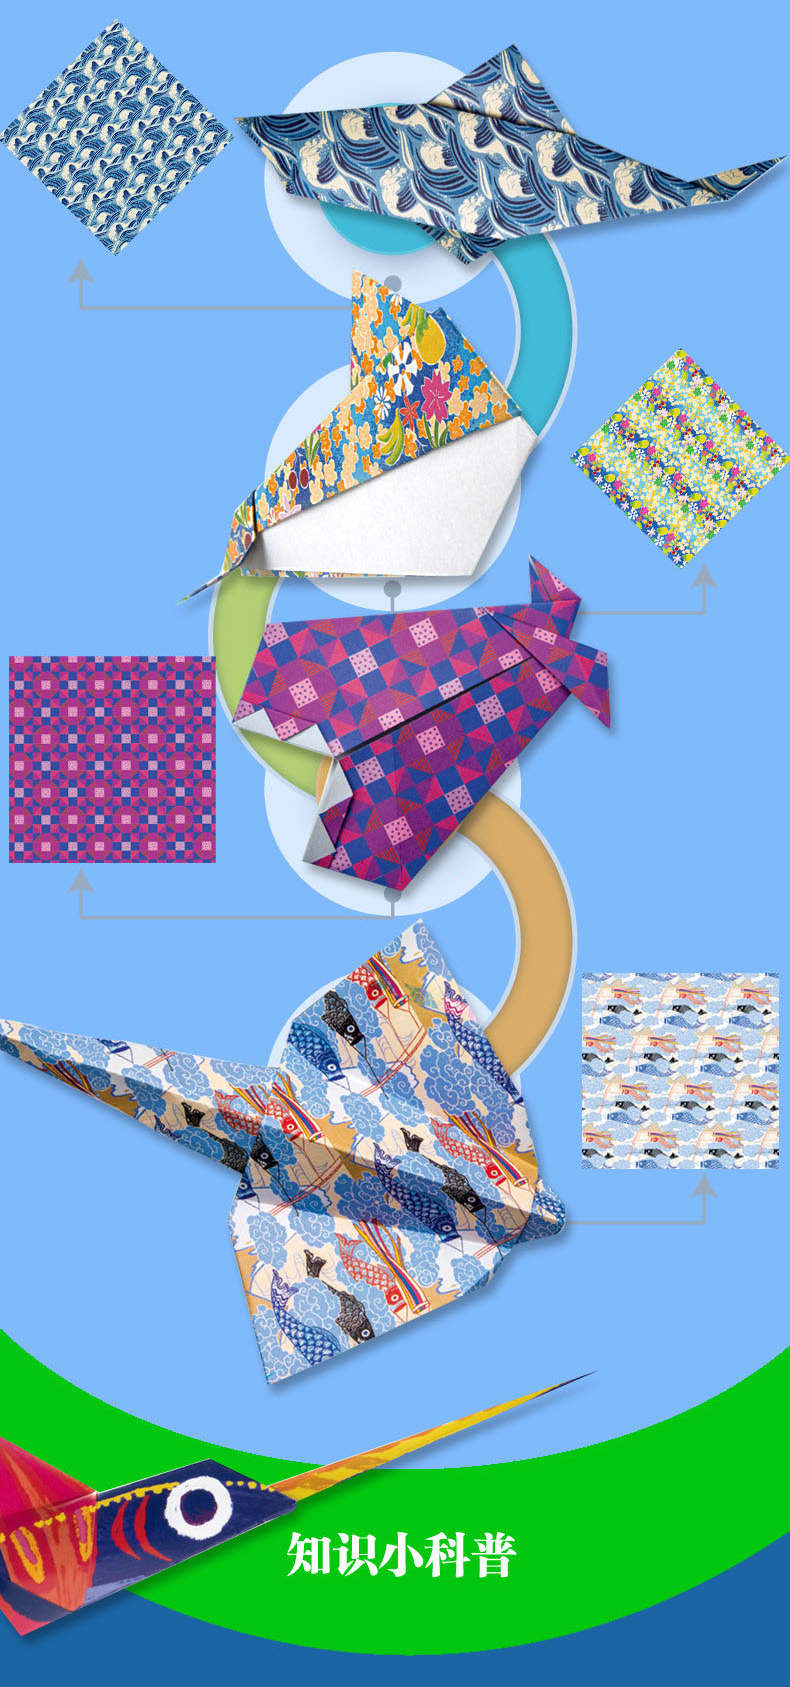 儿童折纸游戏礼盒 海底世界 儿童折纸大全 儿童手工折纸艺术 手工折纸